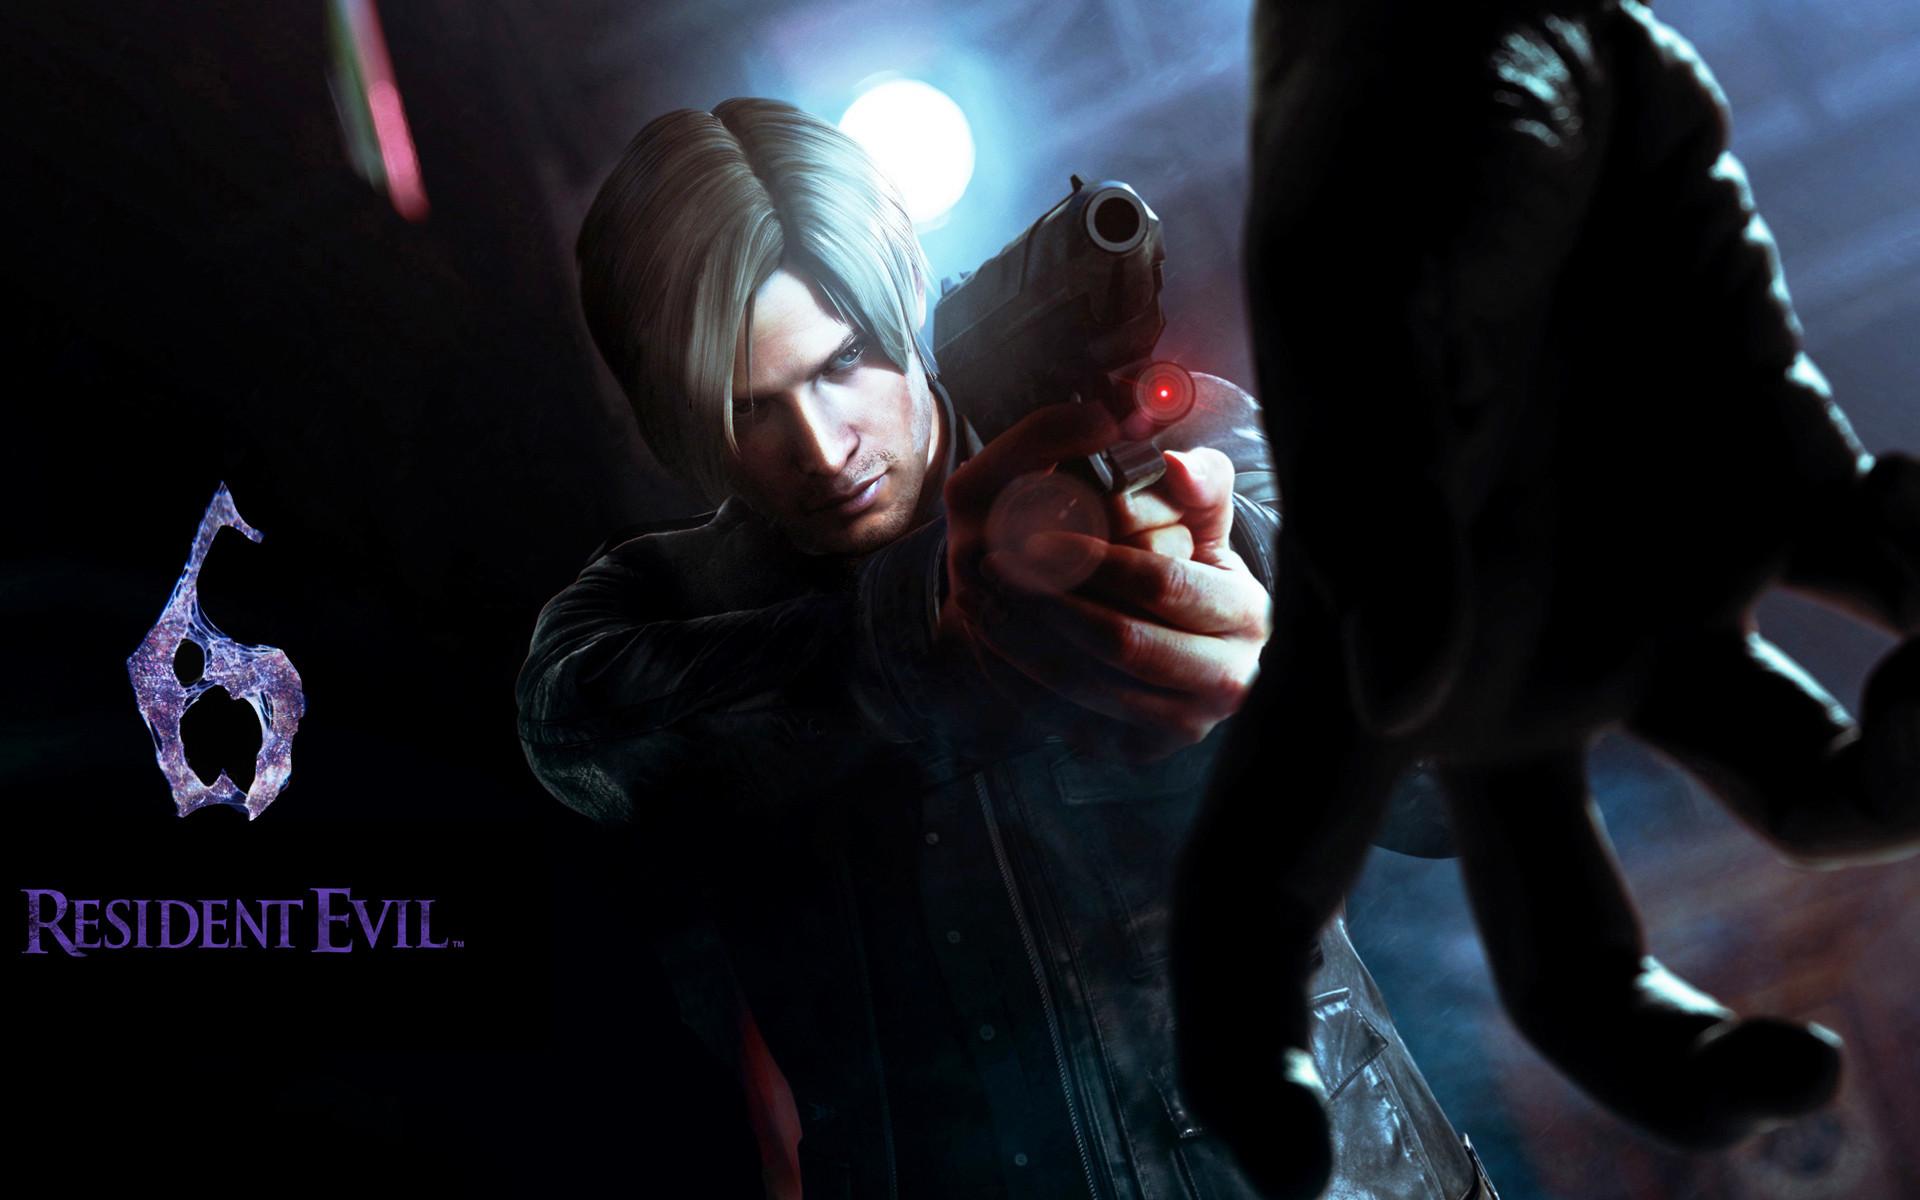 Resident Evil 6 Wallpaper HD 45903